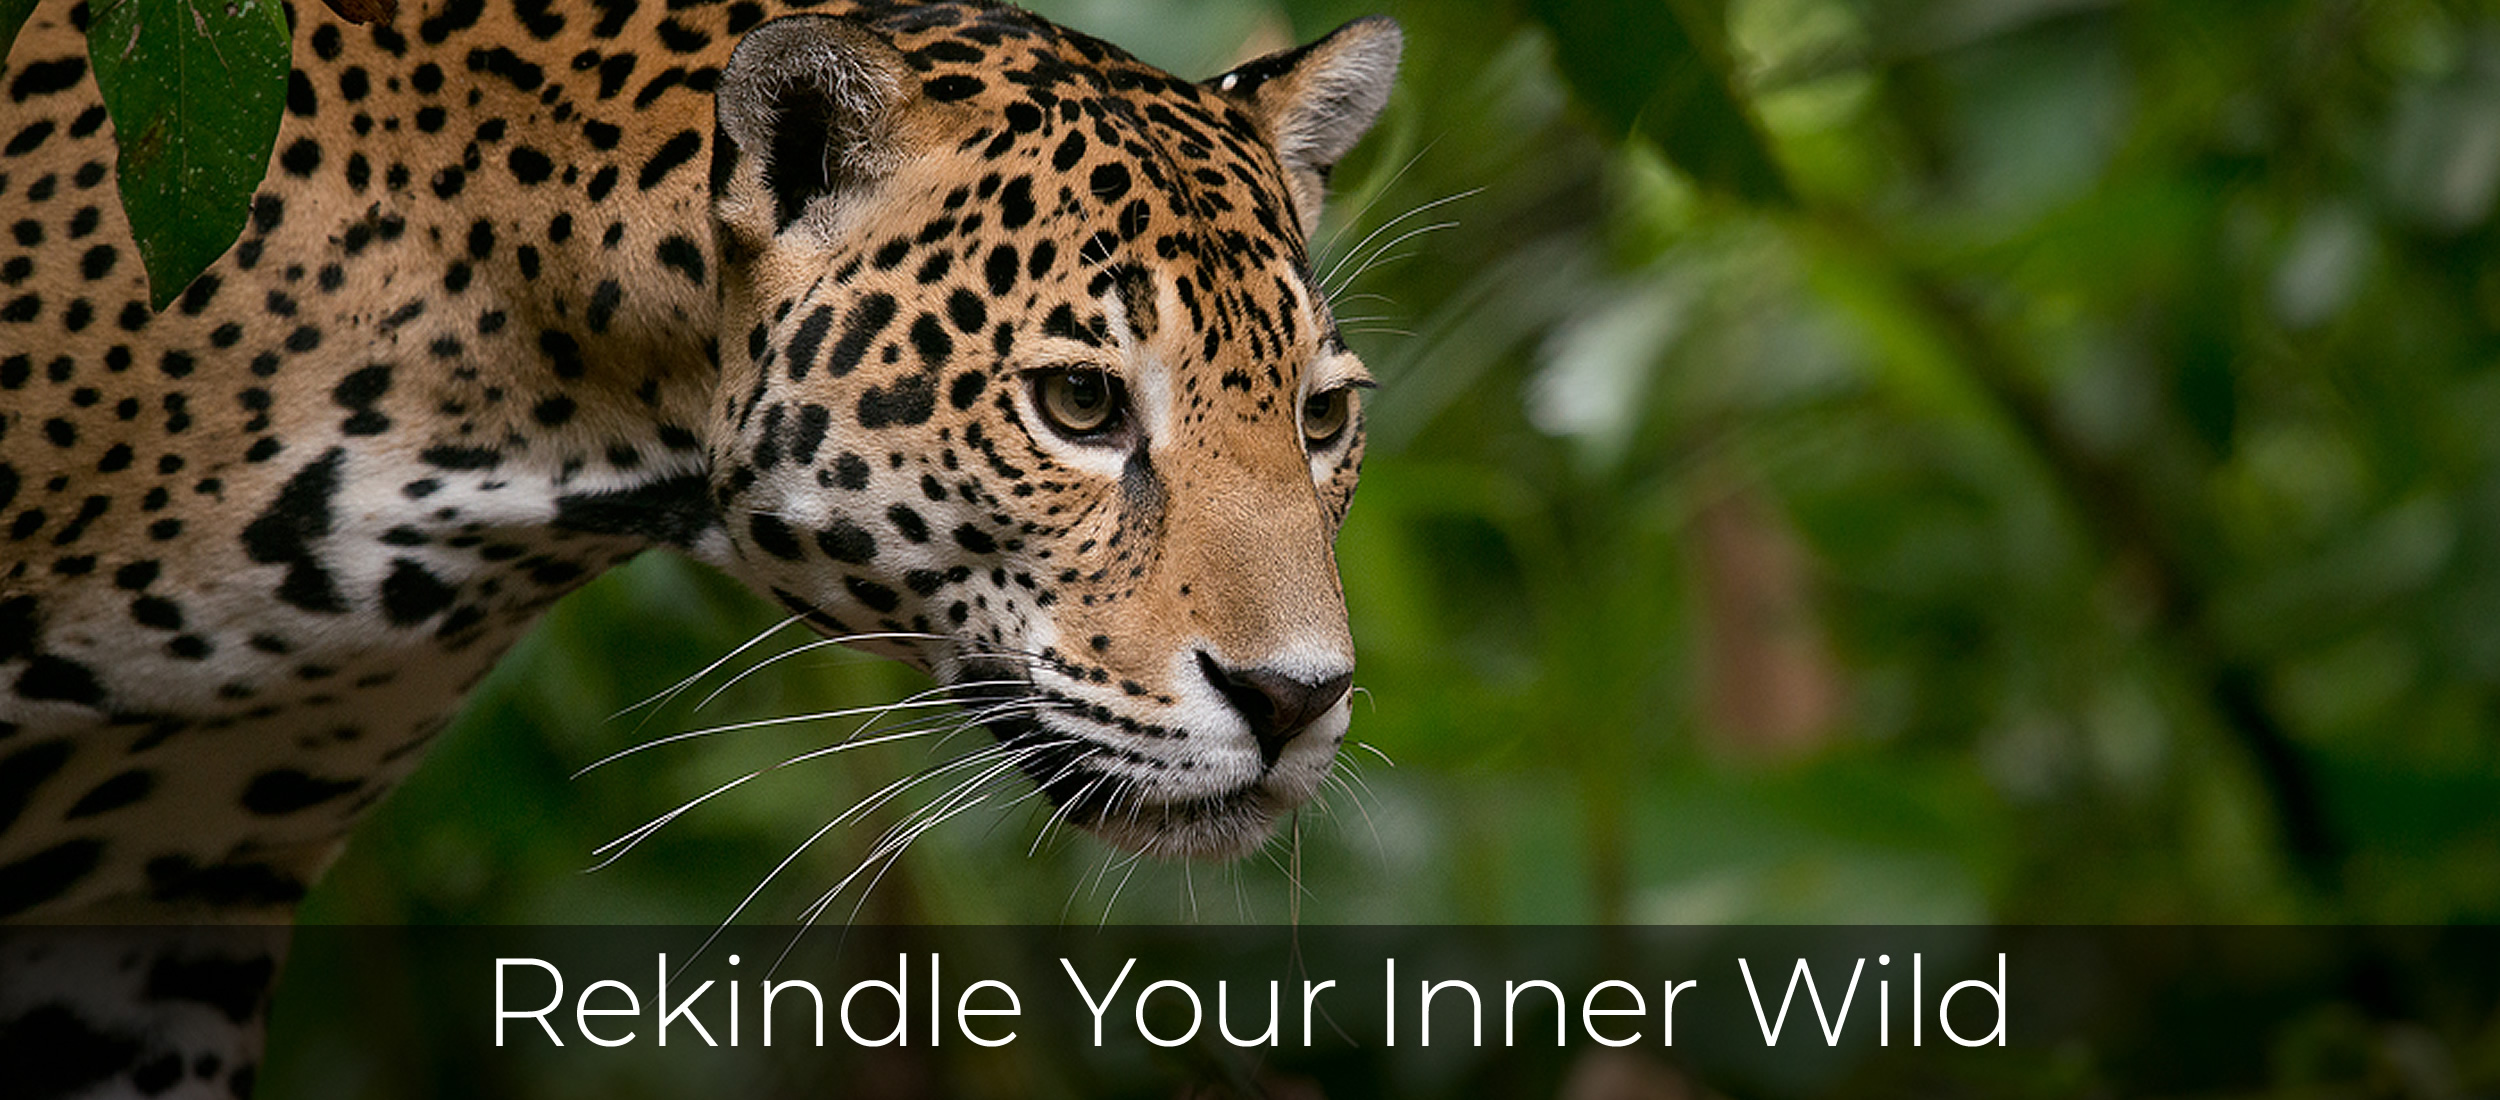 Rekindle Your Inner Wild